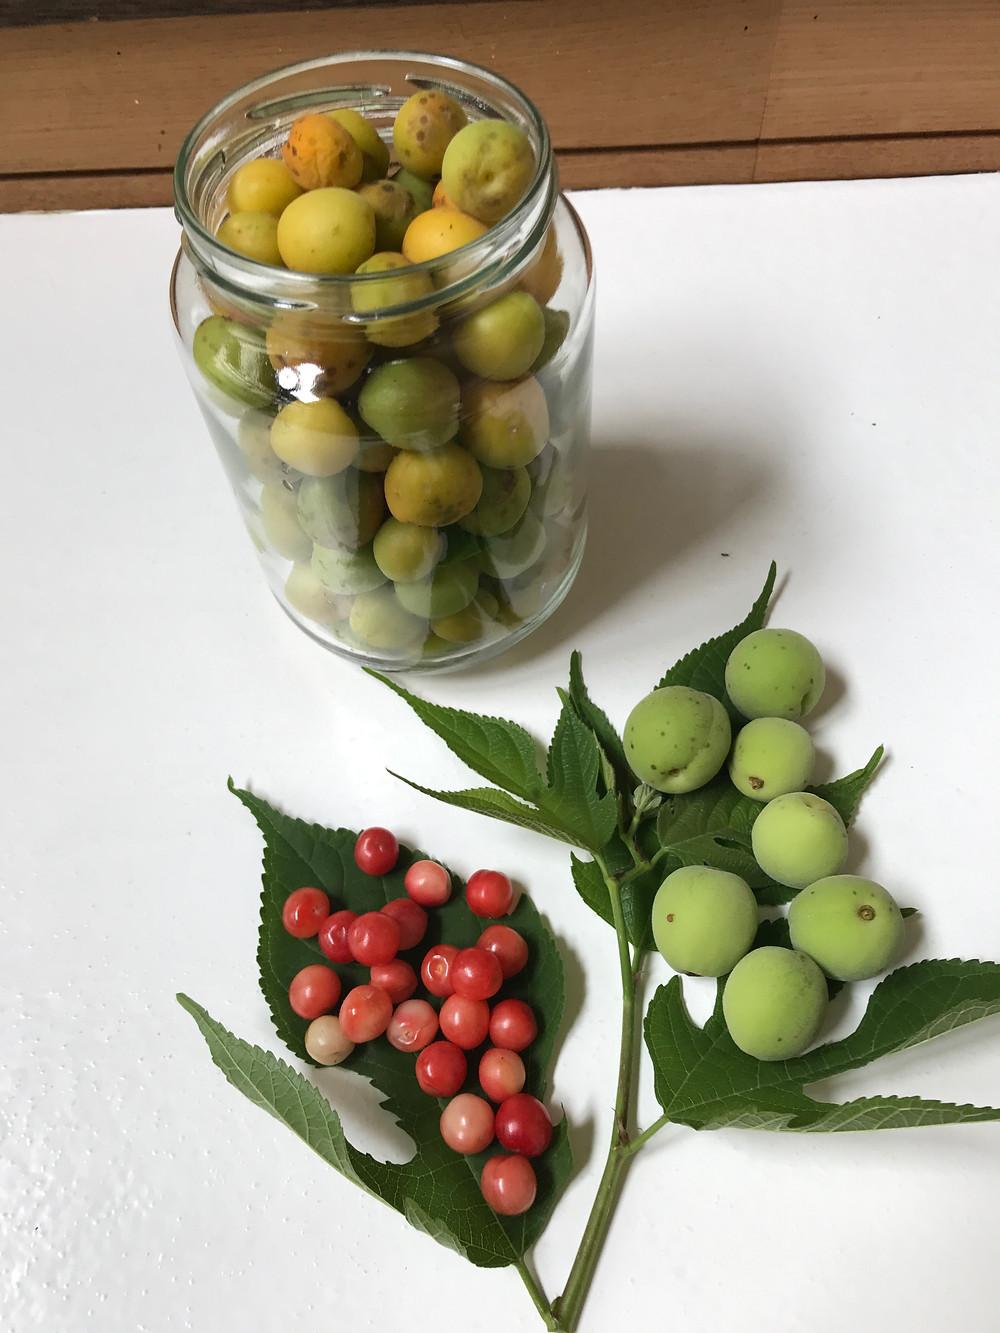 瓶の中が小梅、下の左の赤いのがユスラウメ、右の緑の大粒が南高梅